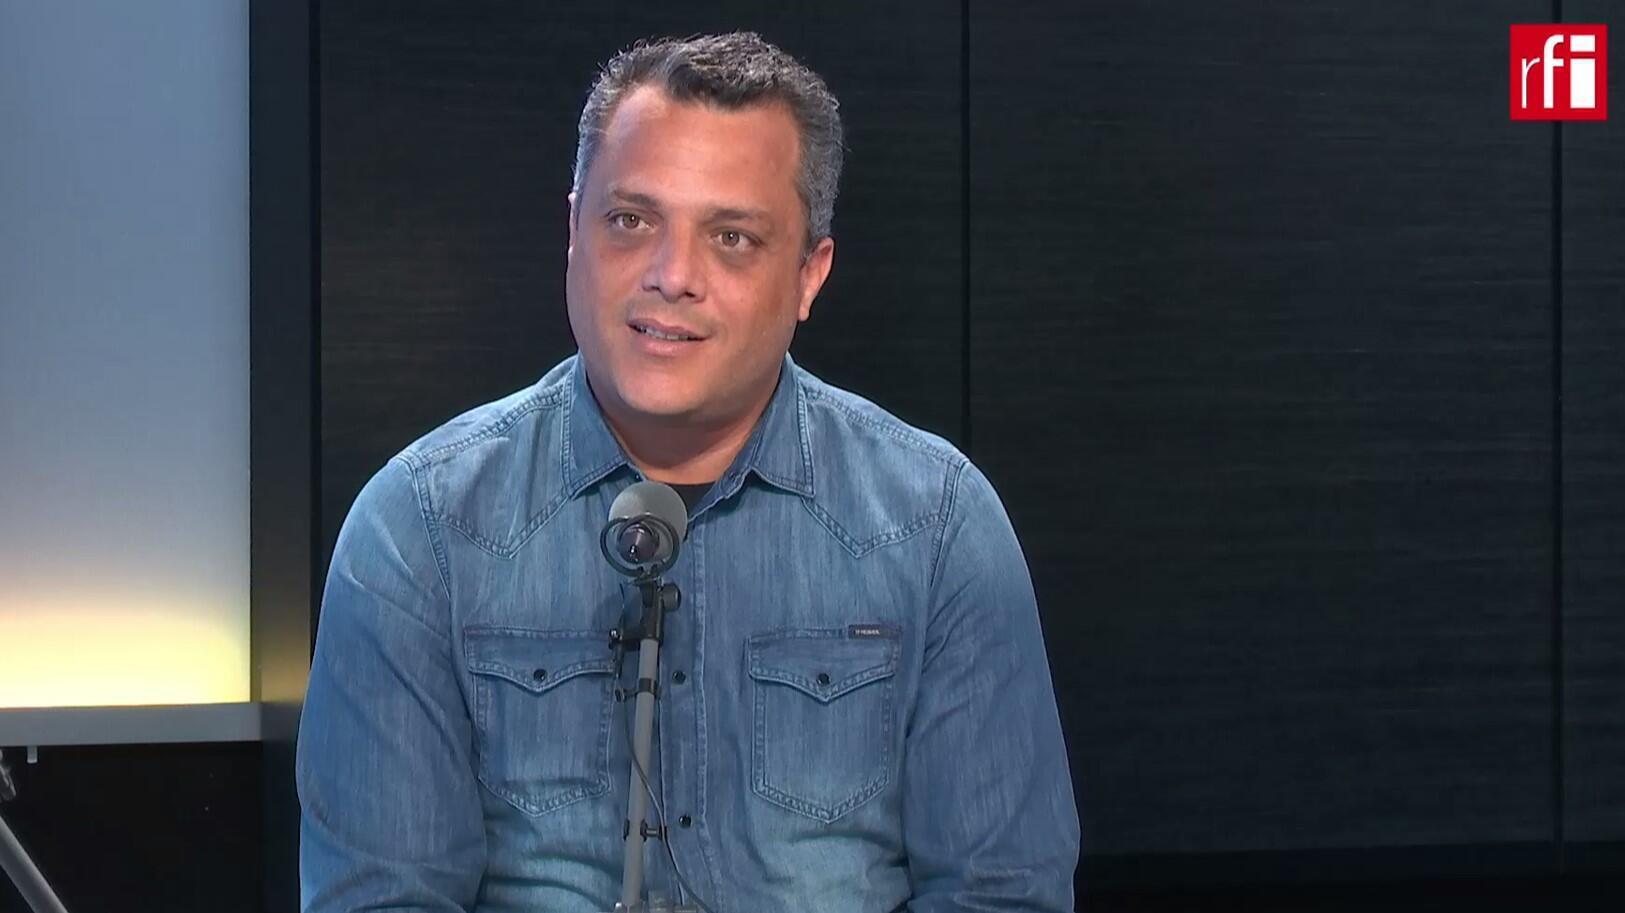 O prefeito de Contagem, Alex de Freitas, nos estúdios da RFI